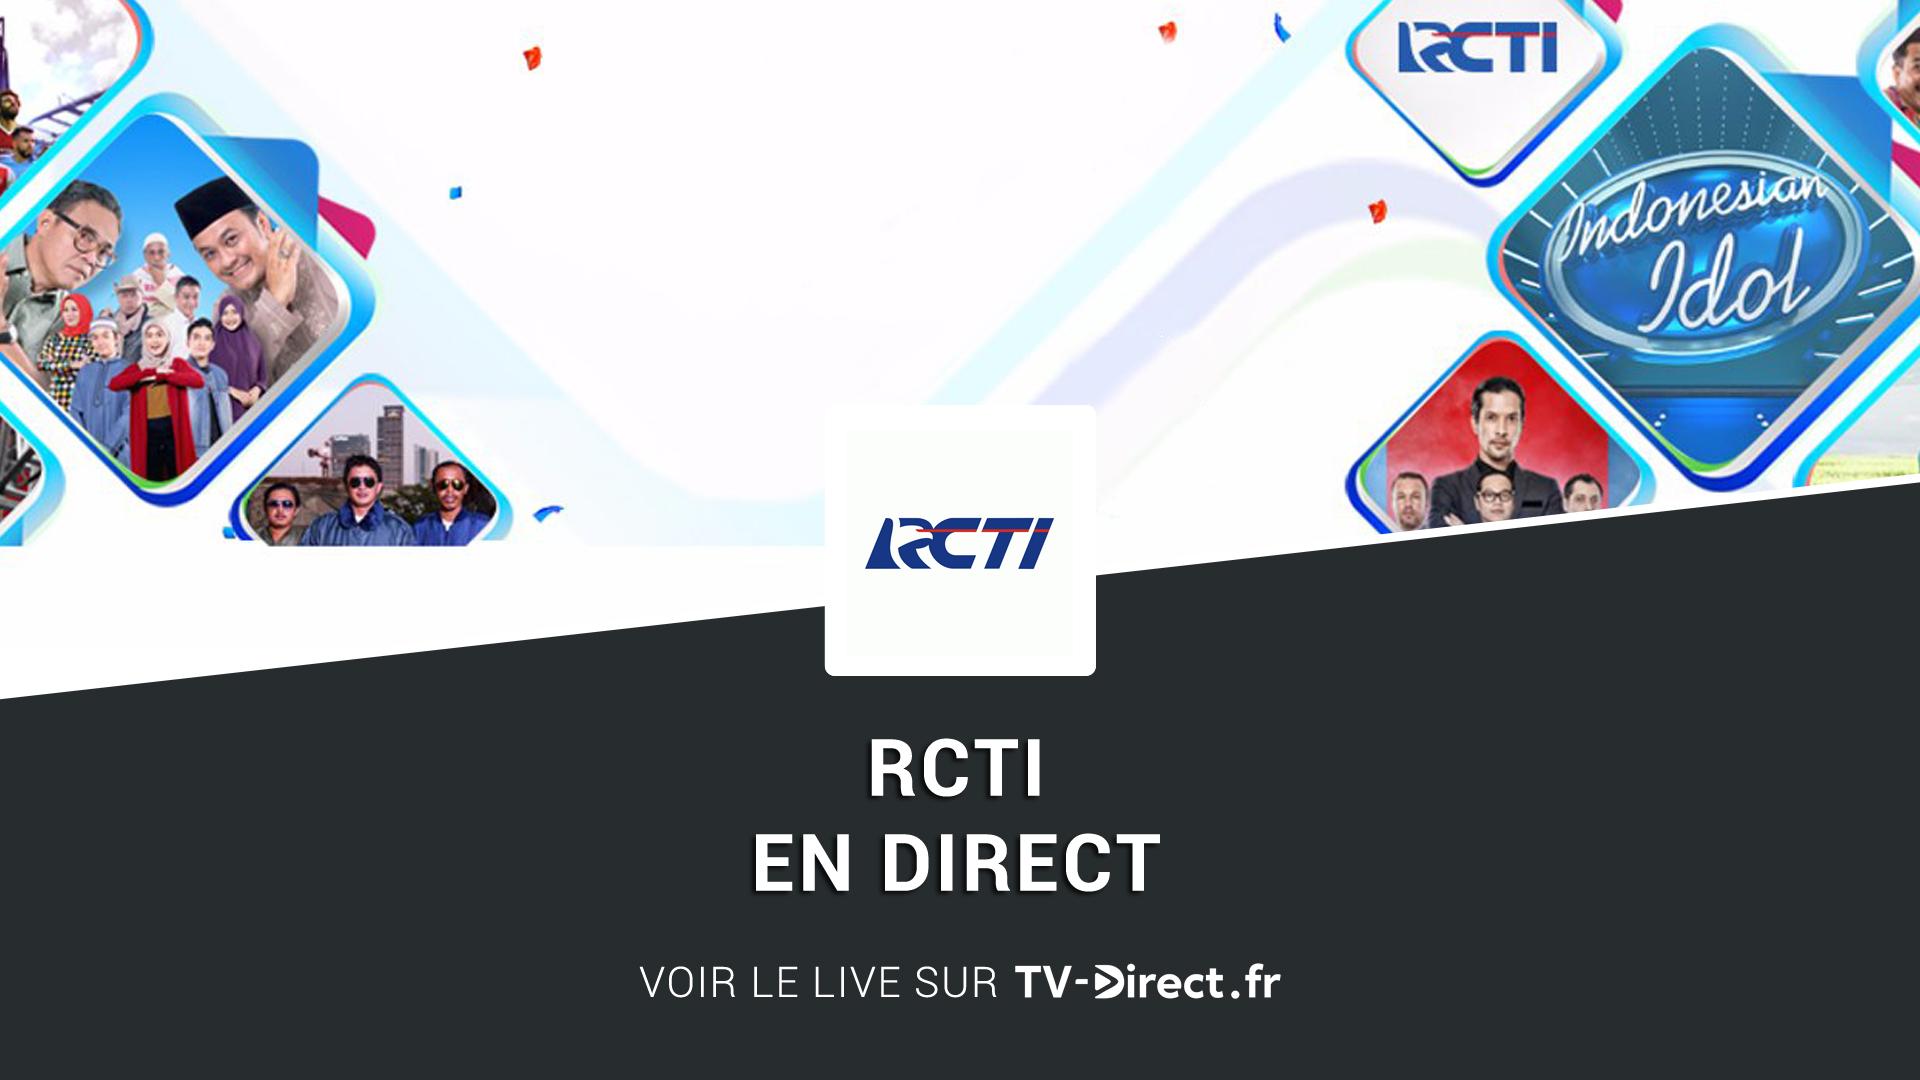 Rcti Live: Regarder RCTI Live Sur Internet